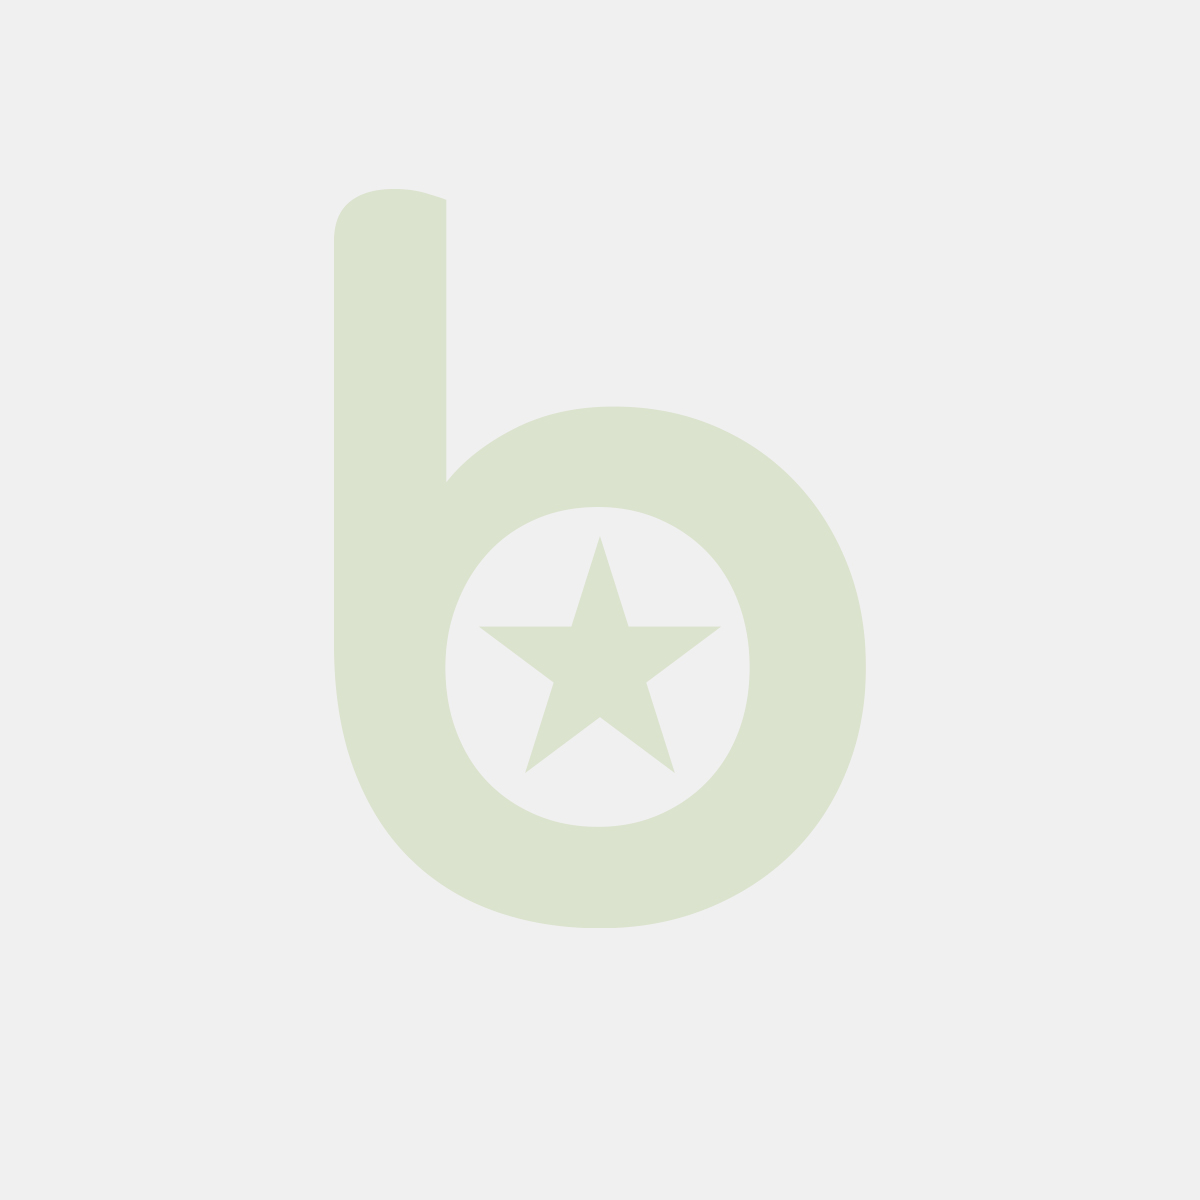 FINGERFOOD - kubek PS 9,5x6,5x6,7cm GOCCIA 120ml transparentny op. 50 sztuk